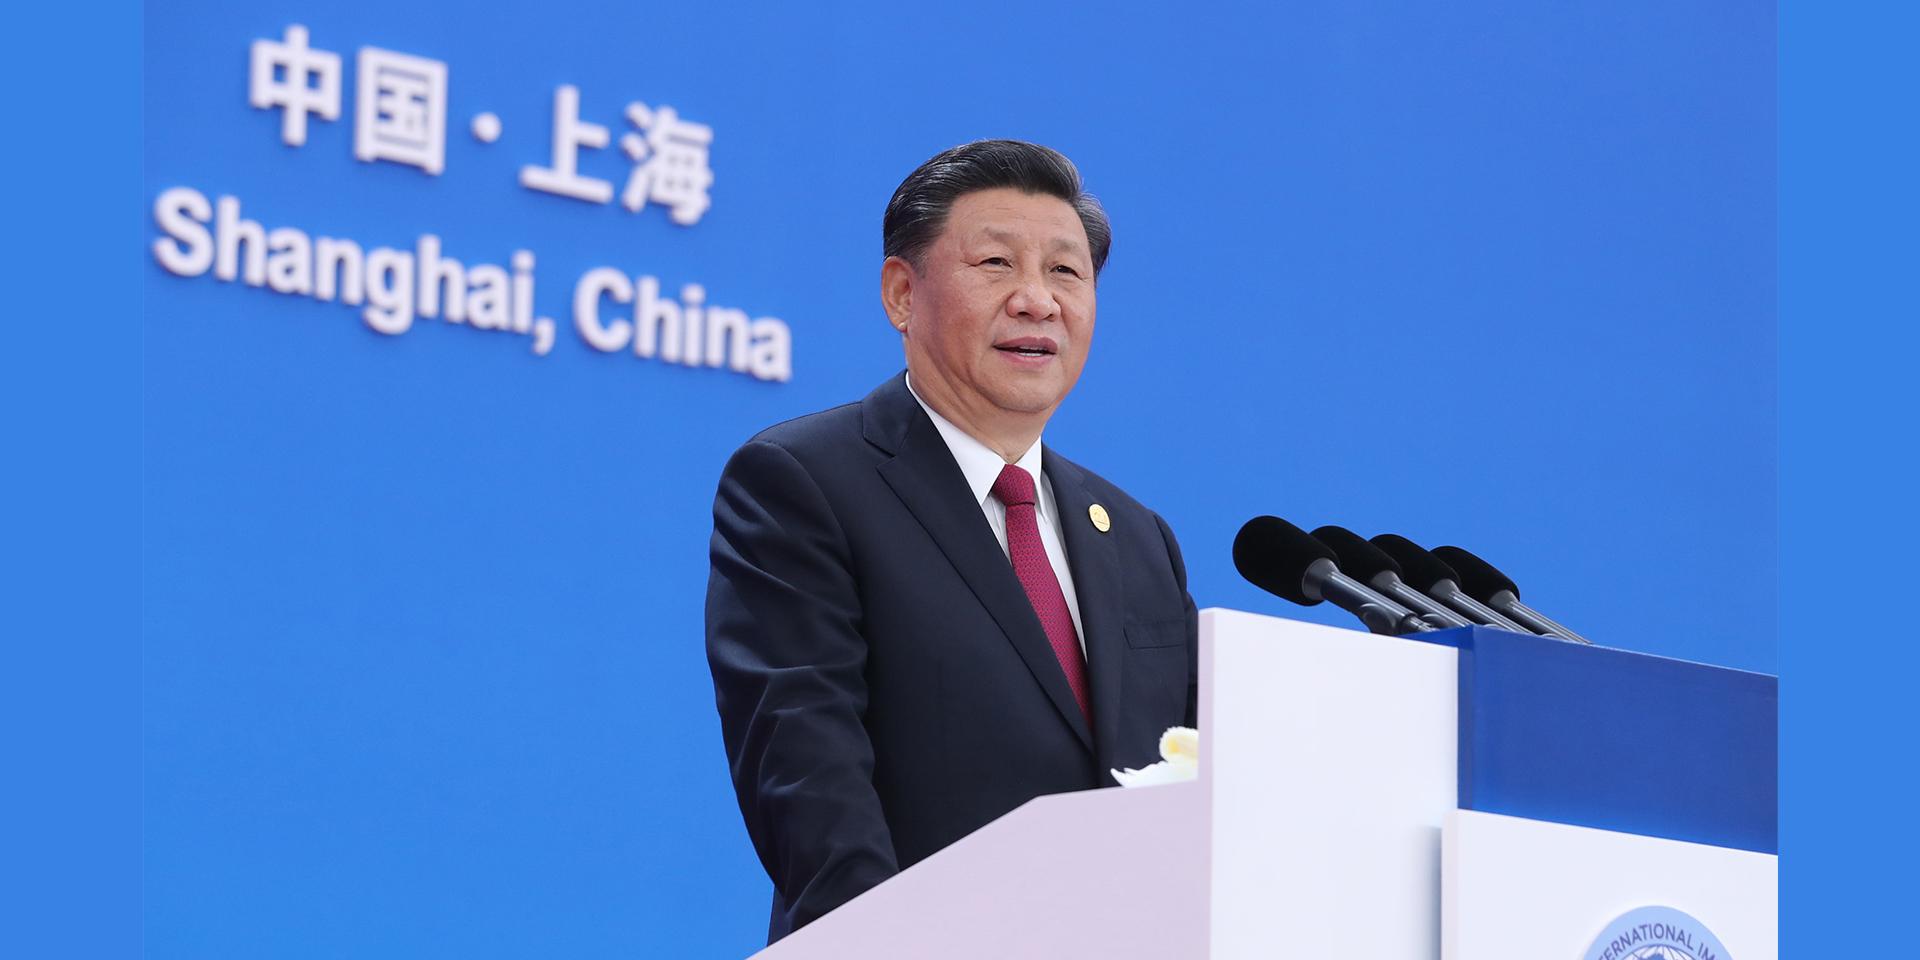 中国经济发展前景一定会更加光明,也必然更加光明。